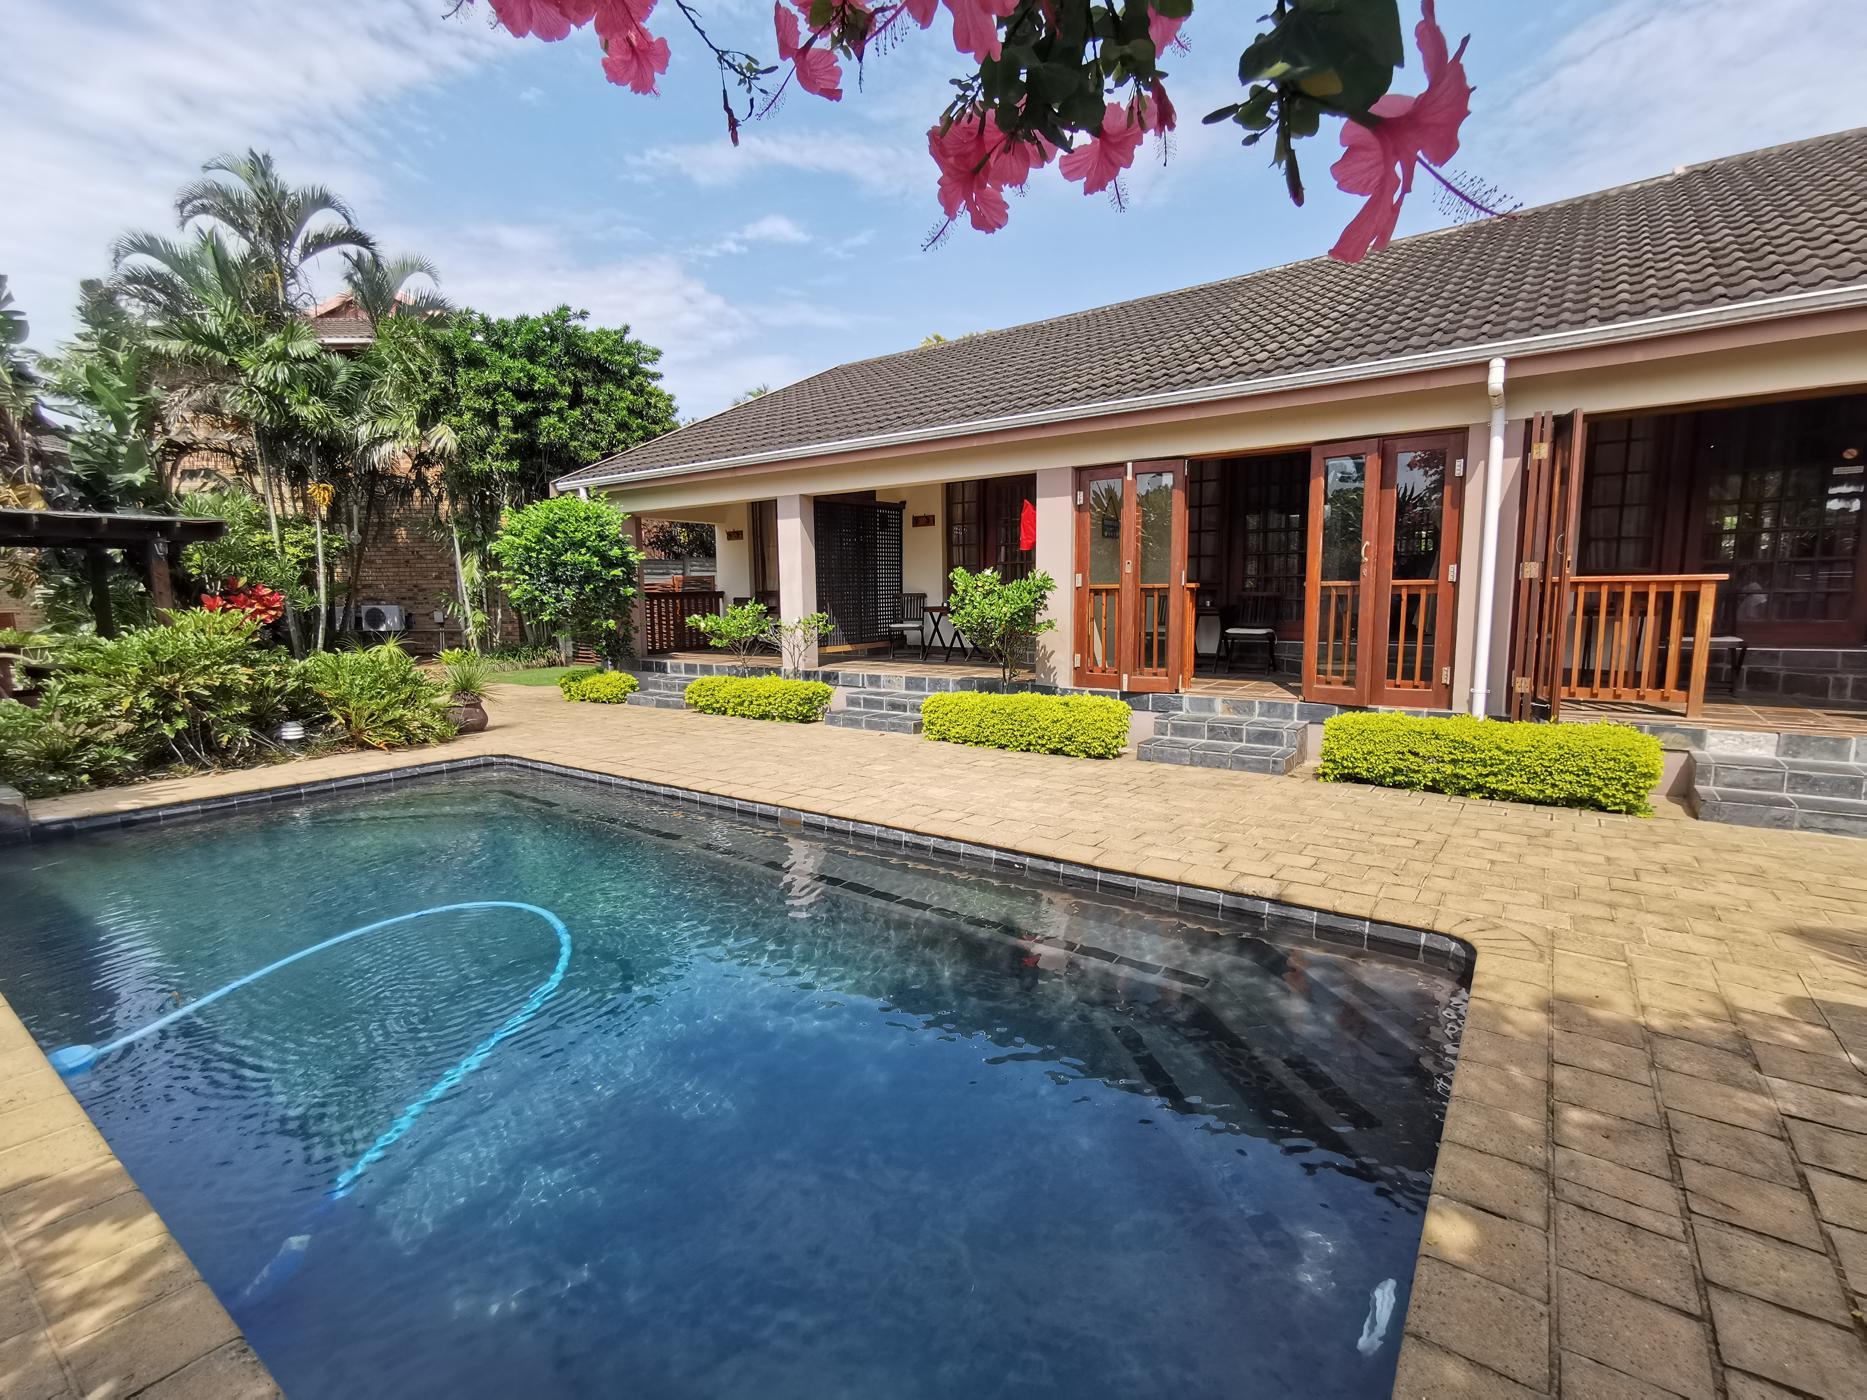 4 bedroom house to rent in Meer en See